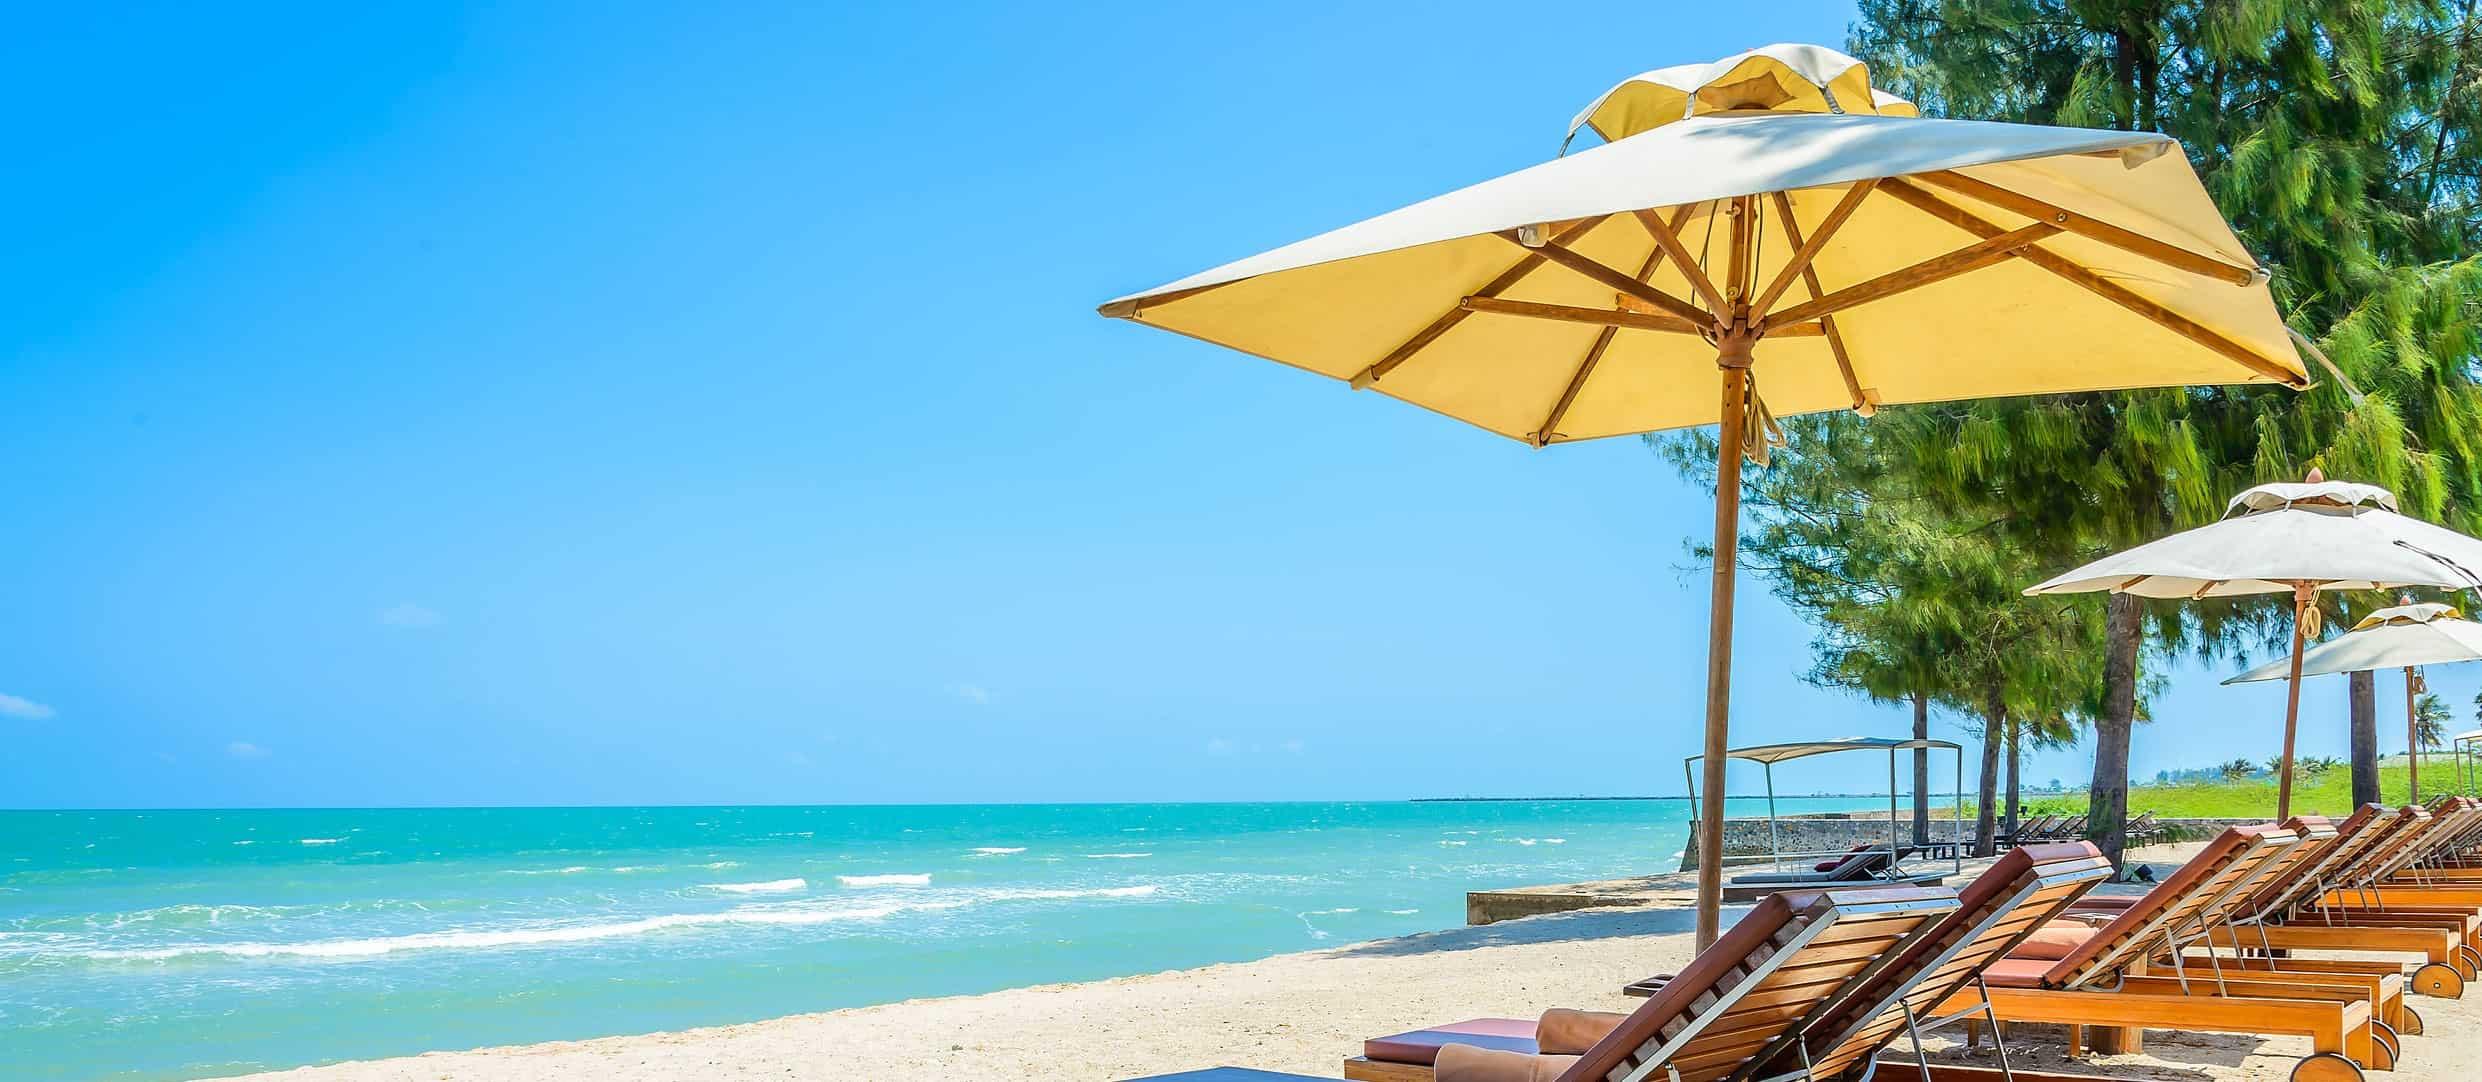 Rechteckiger Sonnenschirm: Test & Empfehlungen (09/20)